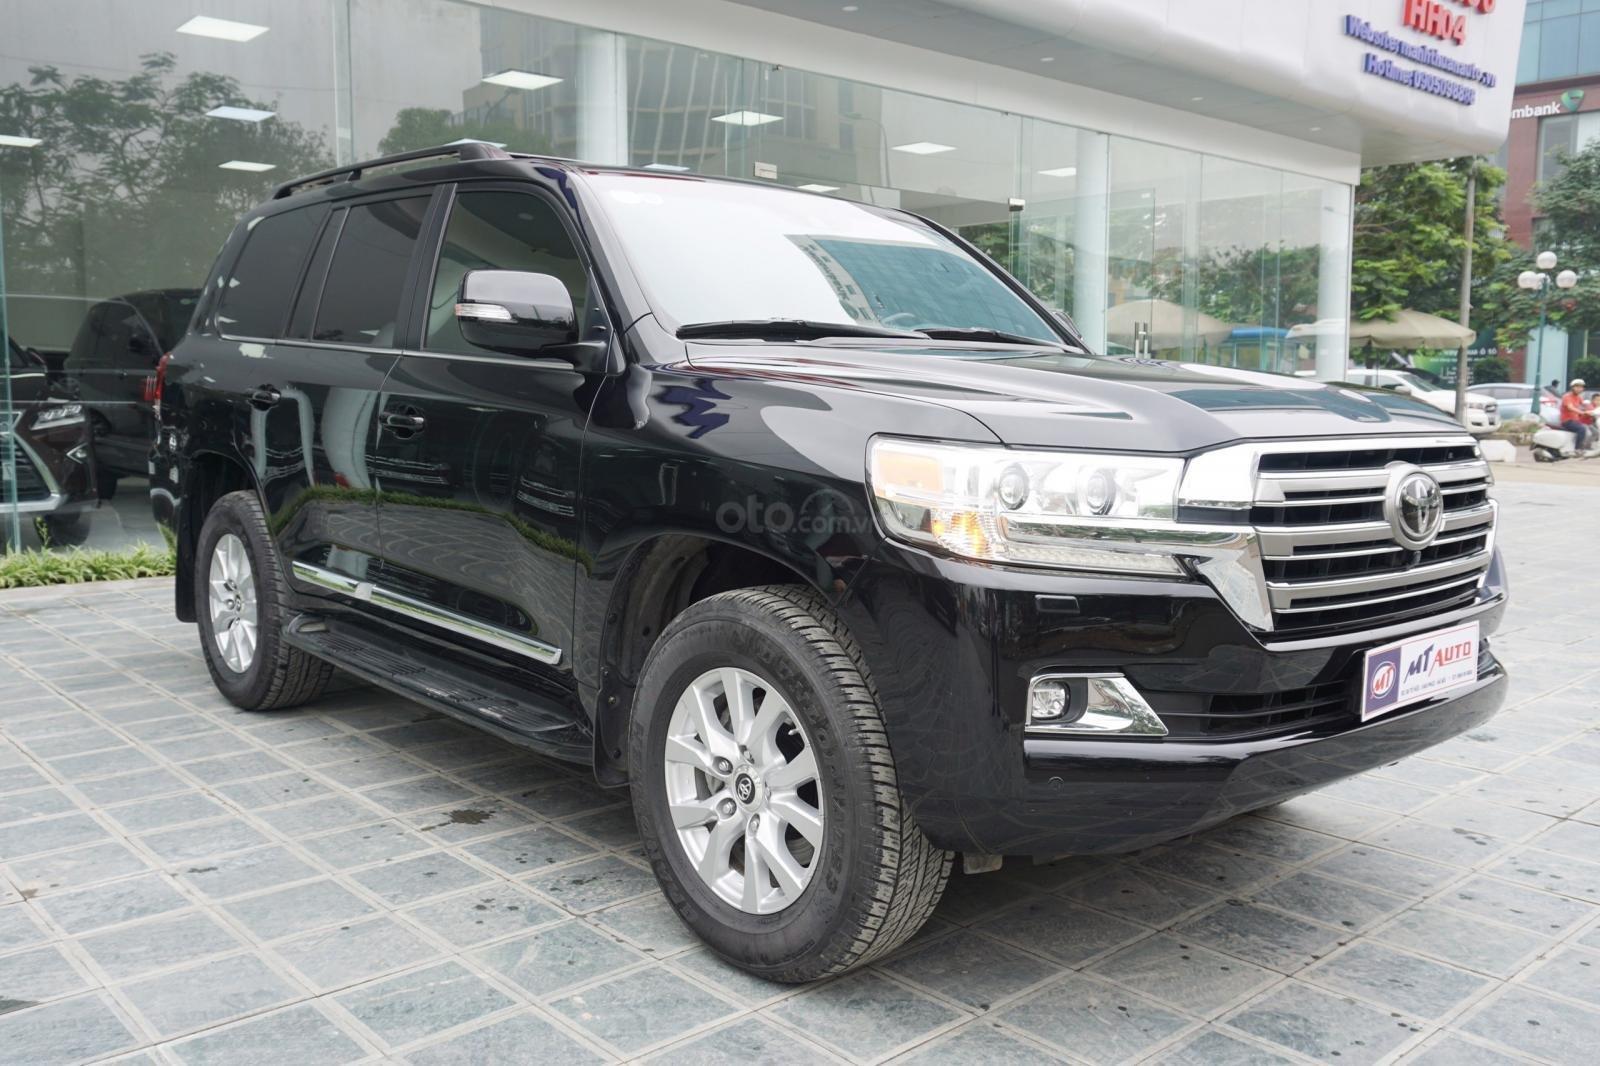 Bán Toyota Land Cruiser 5.7 2015, màu đen, xe nhập Mỹ, LH Ms Hương 094.539.2468 (2)